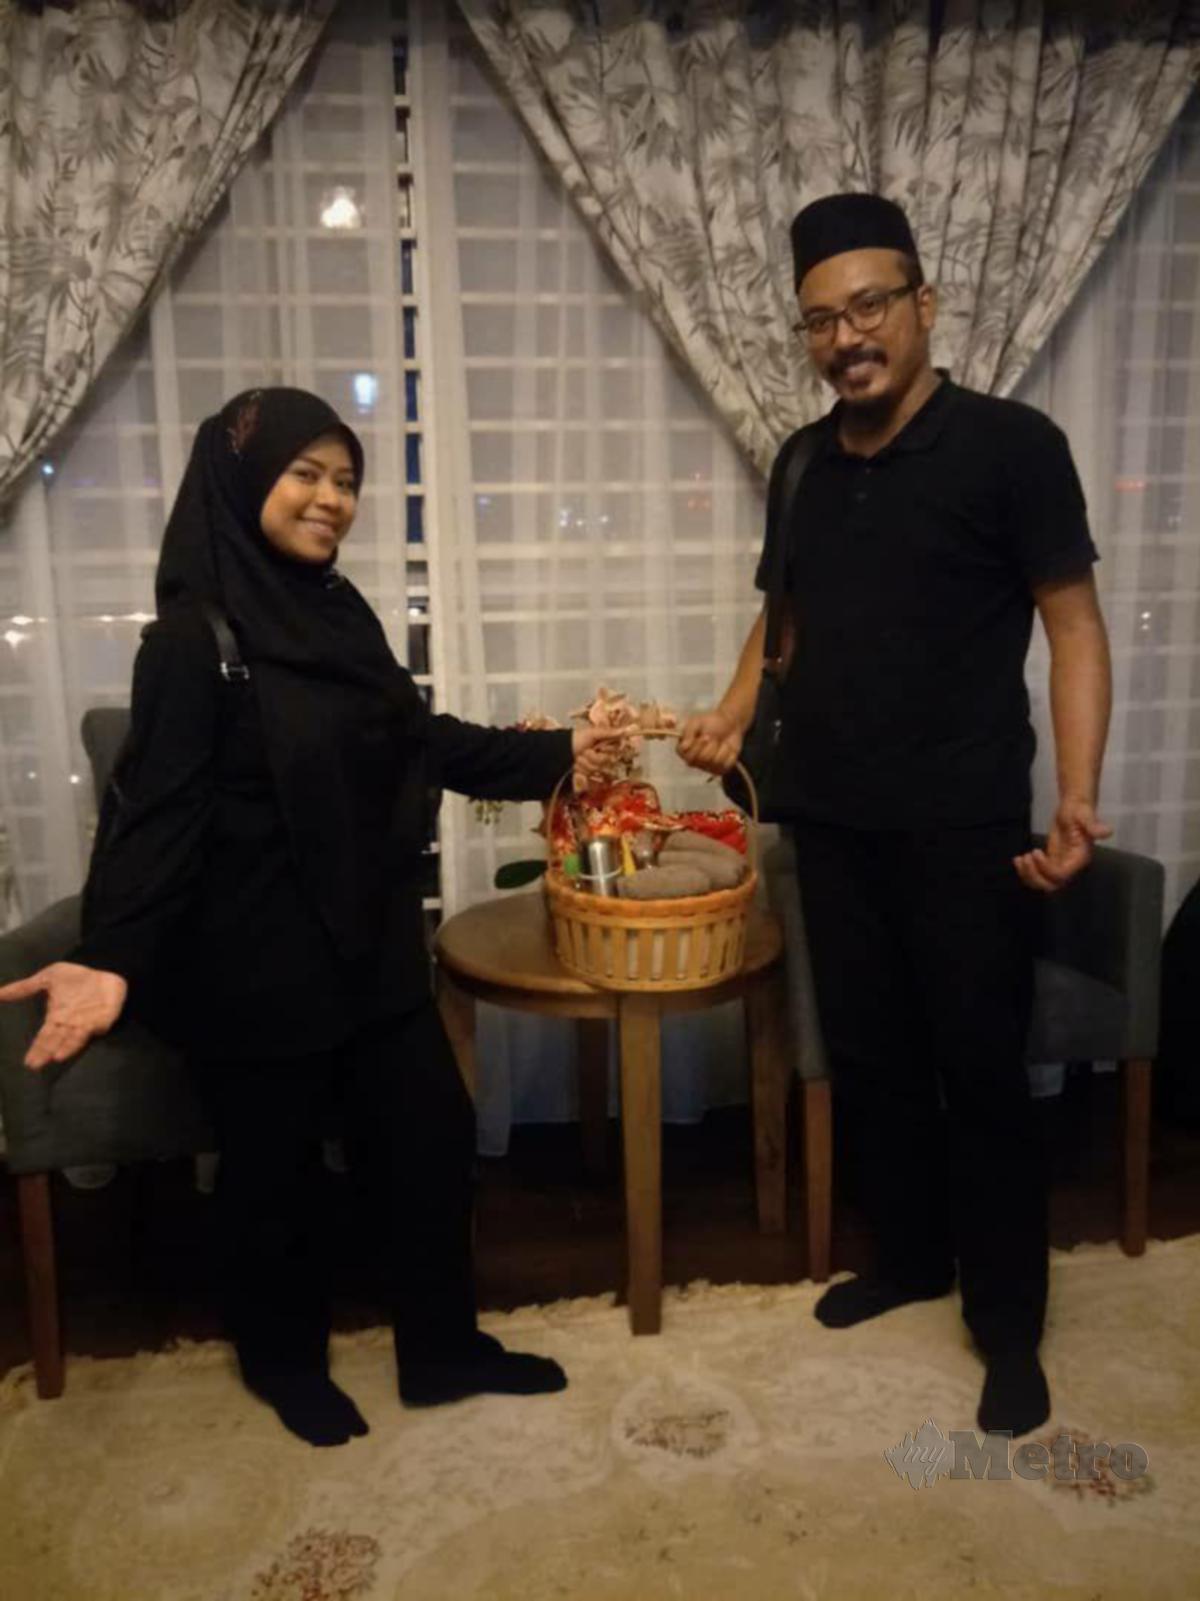 NOOR Khurshiah turut dibantu suami, Abdul Khalil Abd Aziz dalam penyediaan keperluan rawatan pelanggannya.